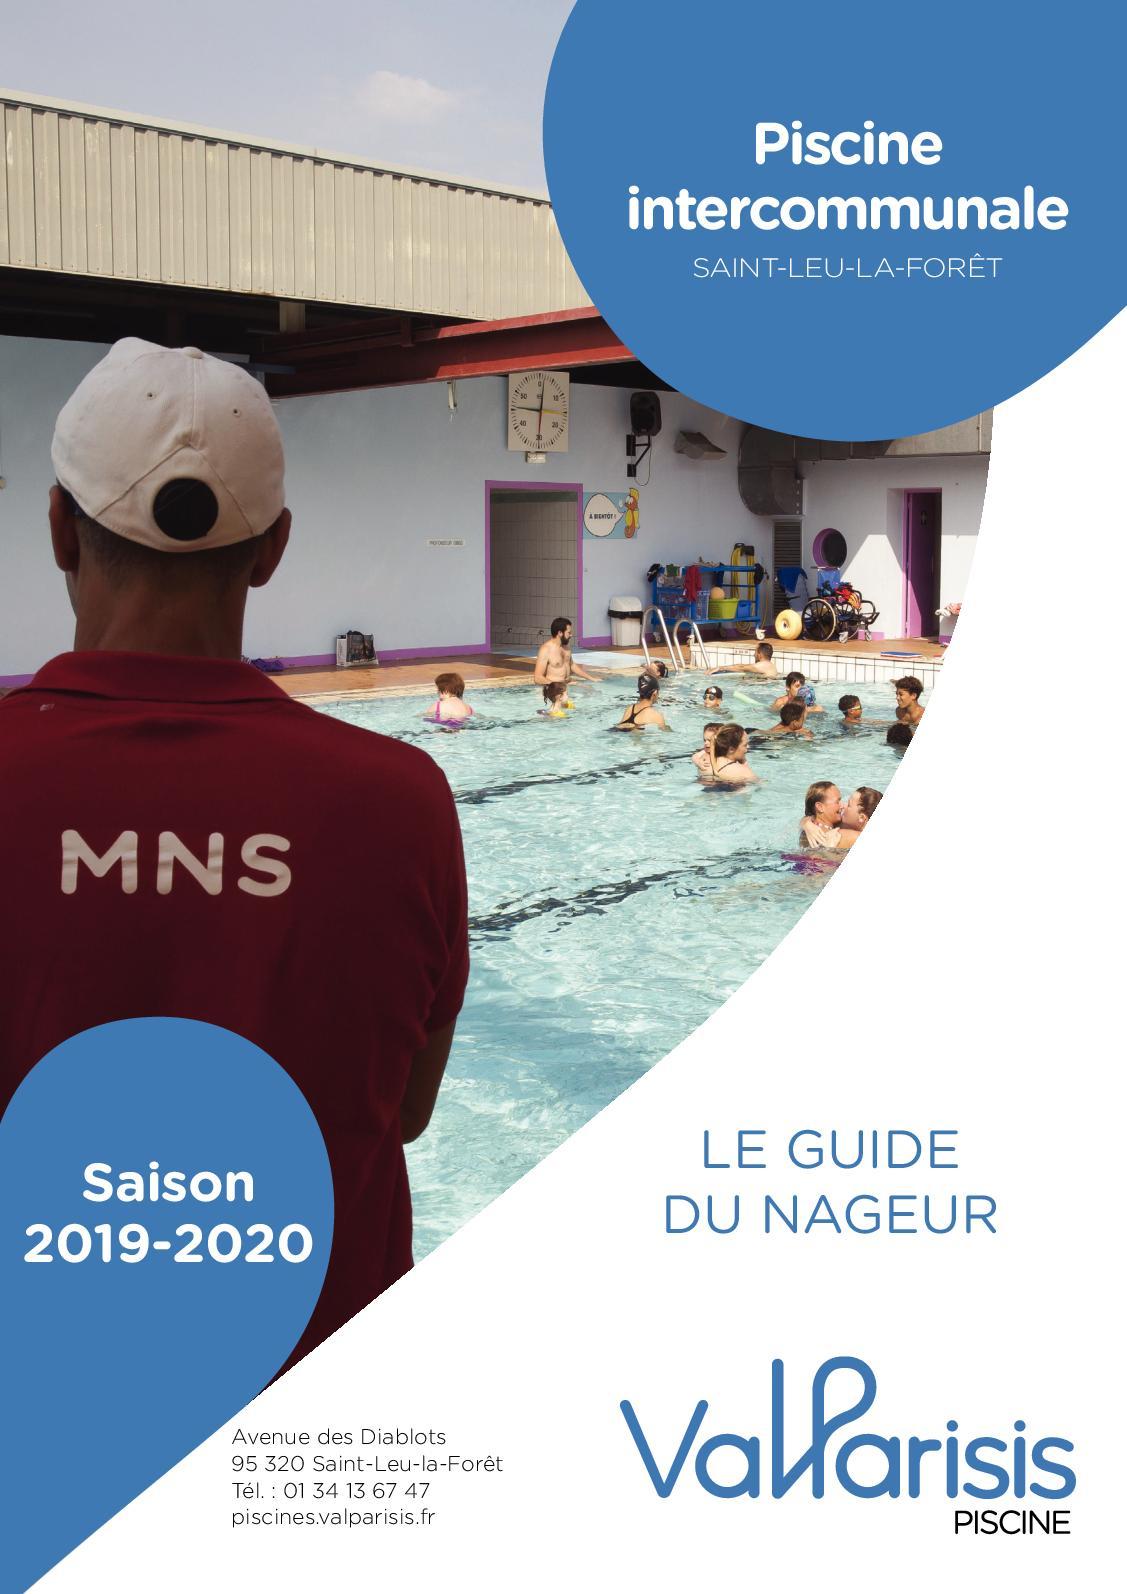 Calaméo - Dépliant Saint Leu Saison 2019 2020 pour Piscine Saint Leu La Foret